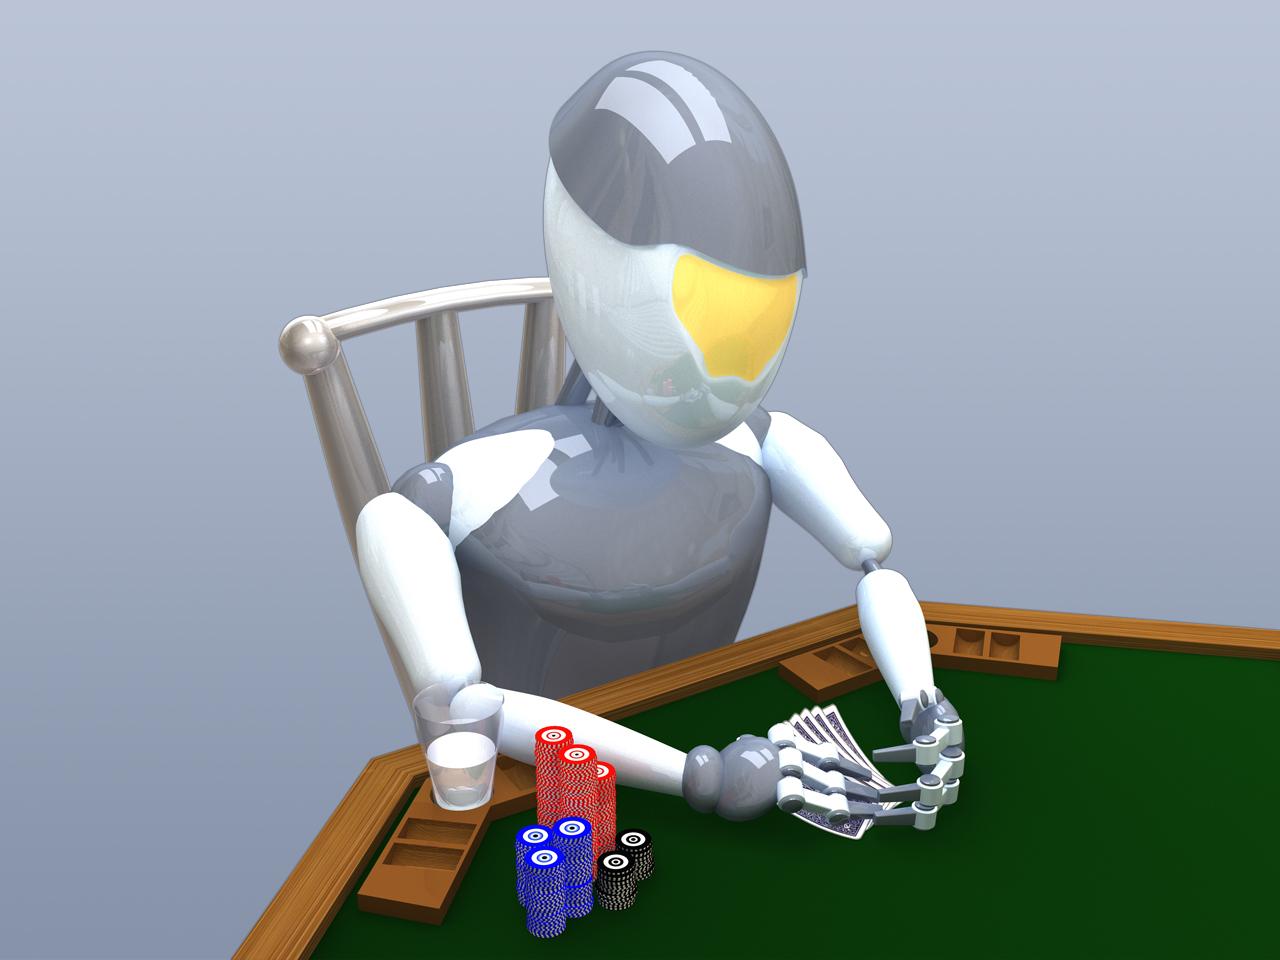 Покер программы пока проигрывают людям